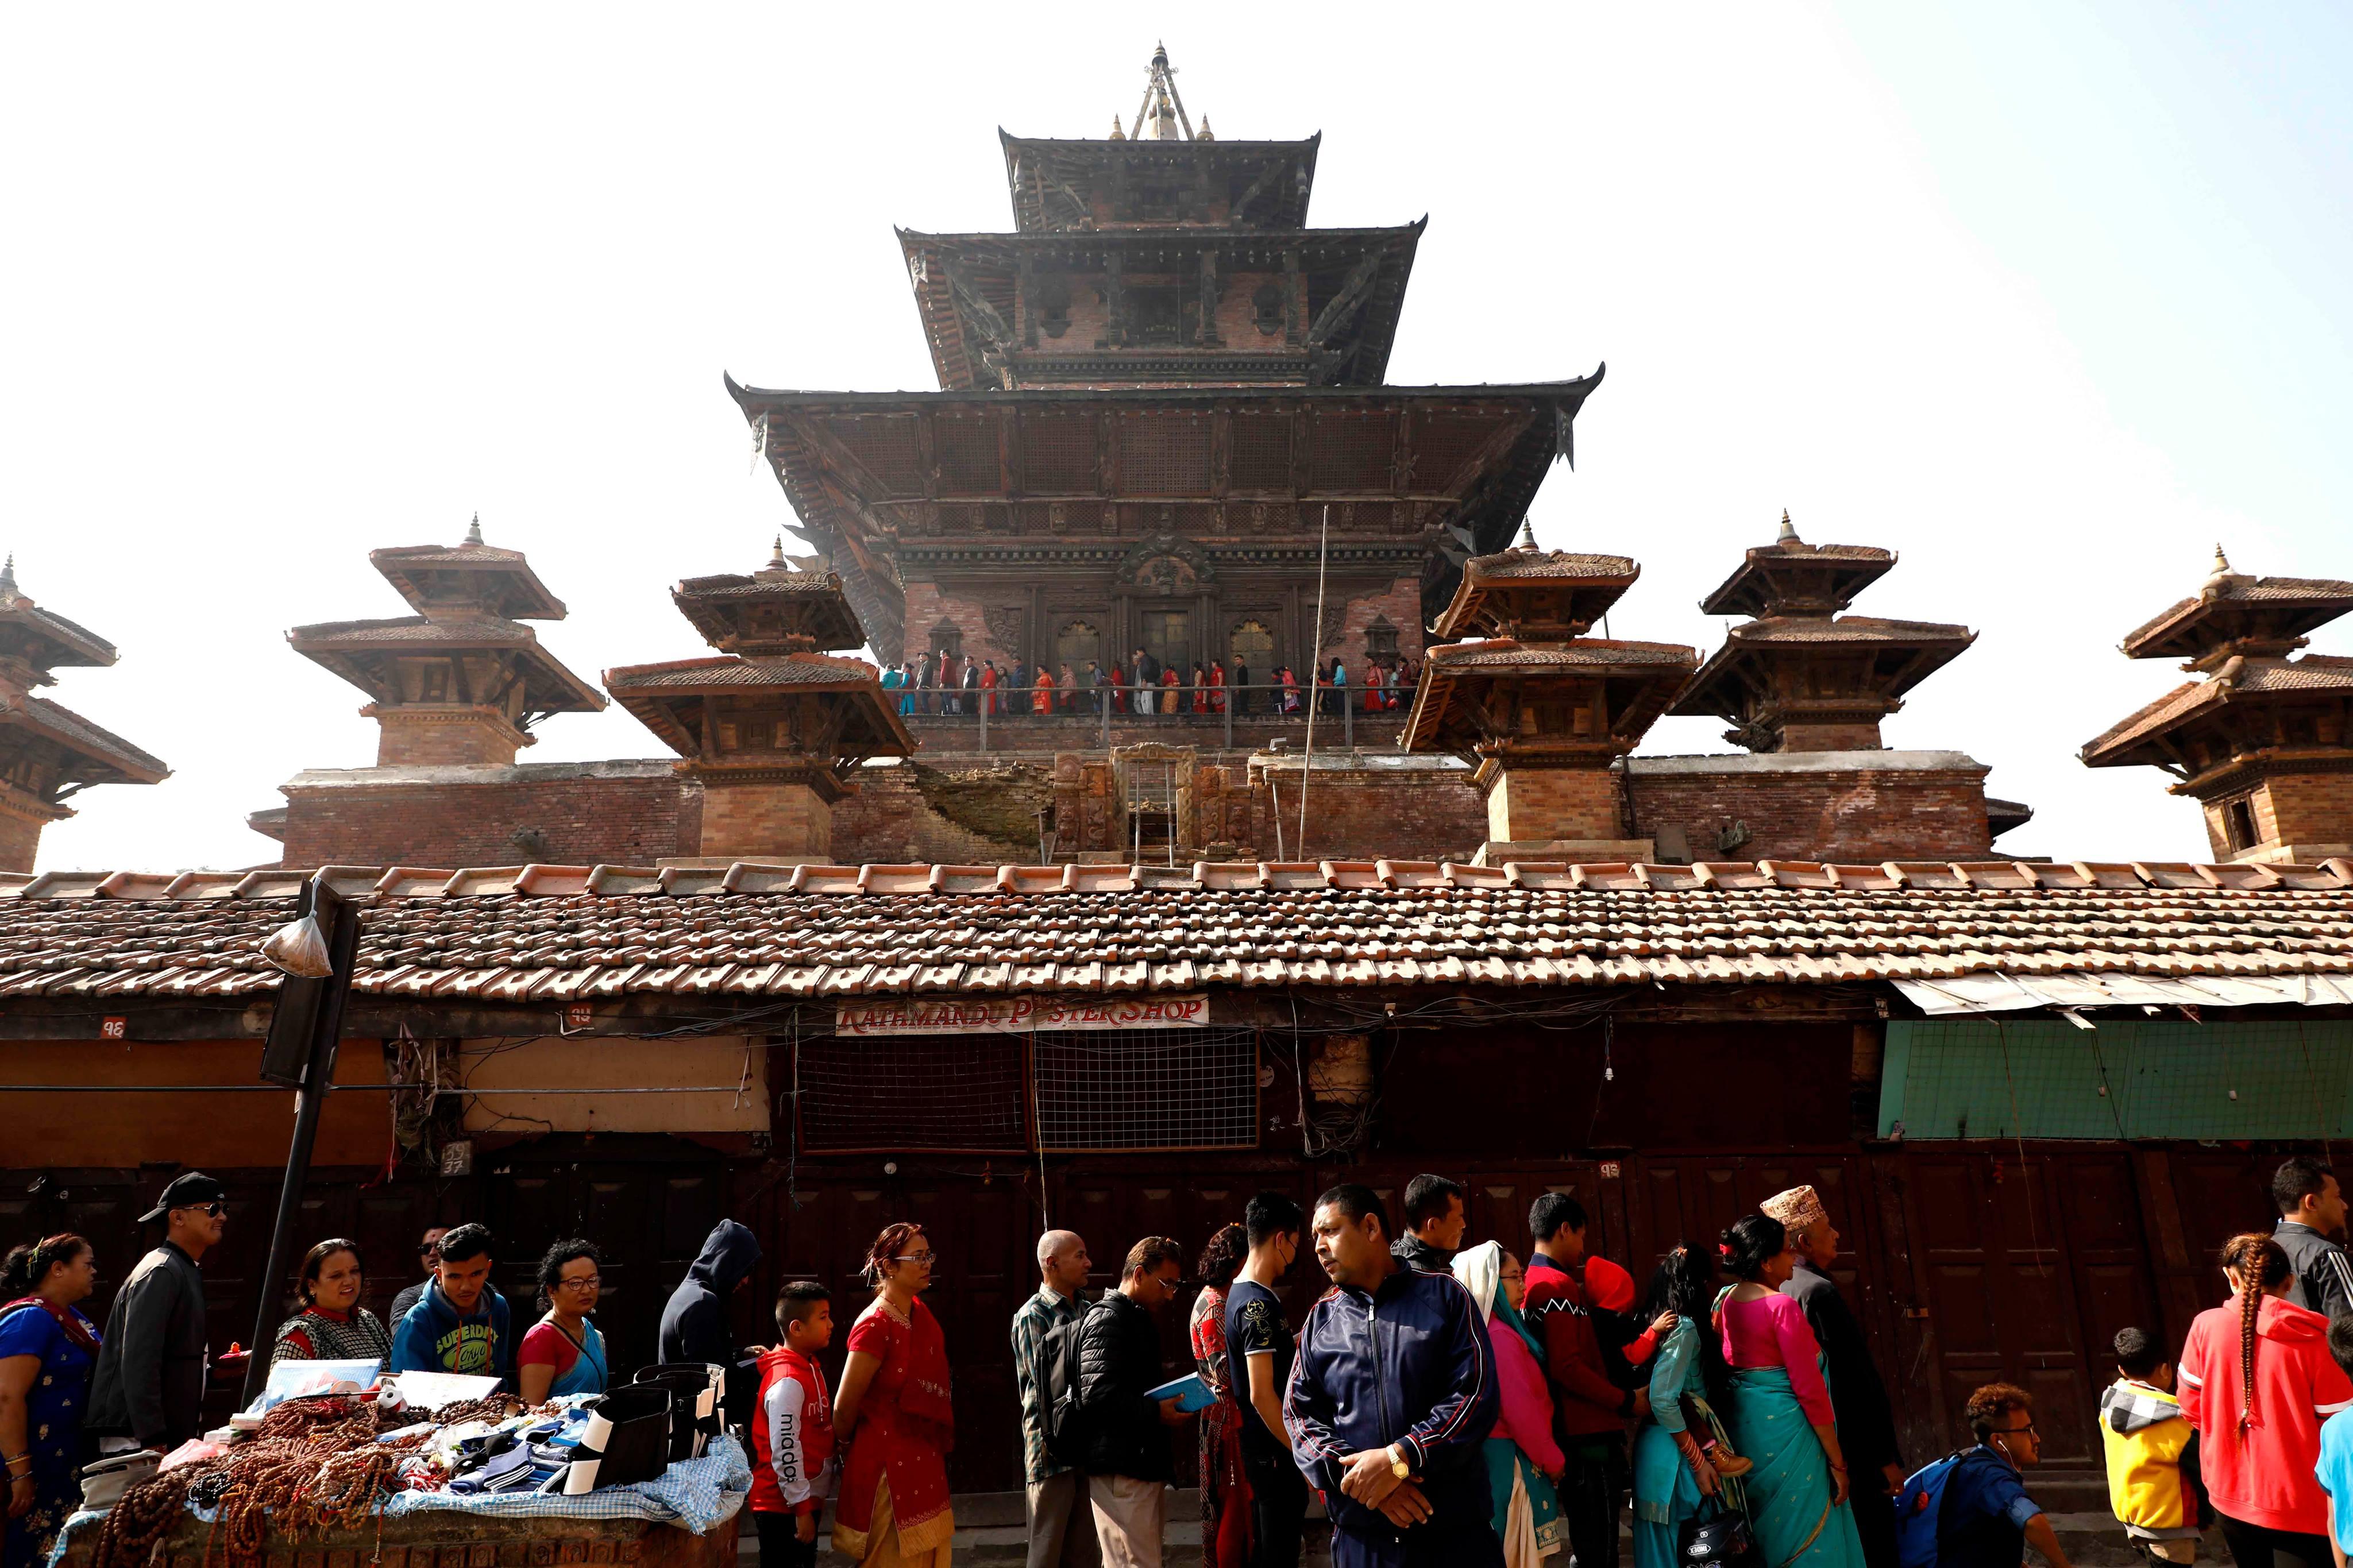 तलेजु भवानीको मन्दिर आज खुल्ने